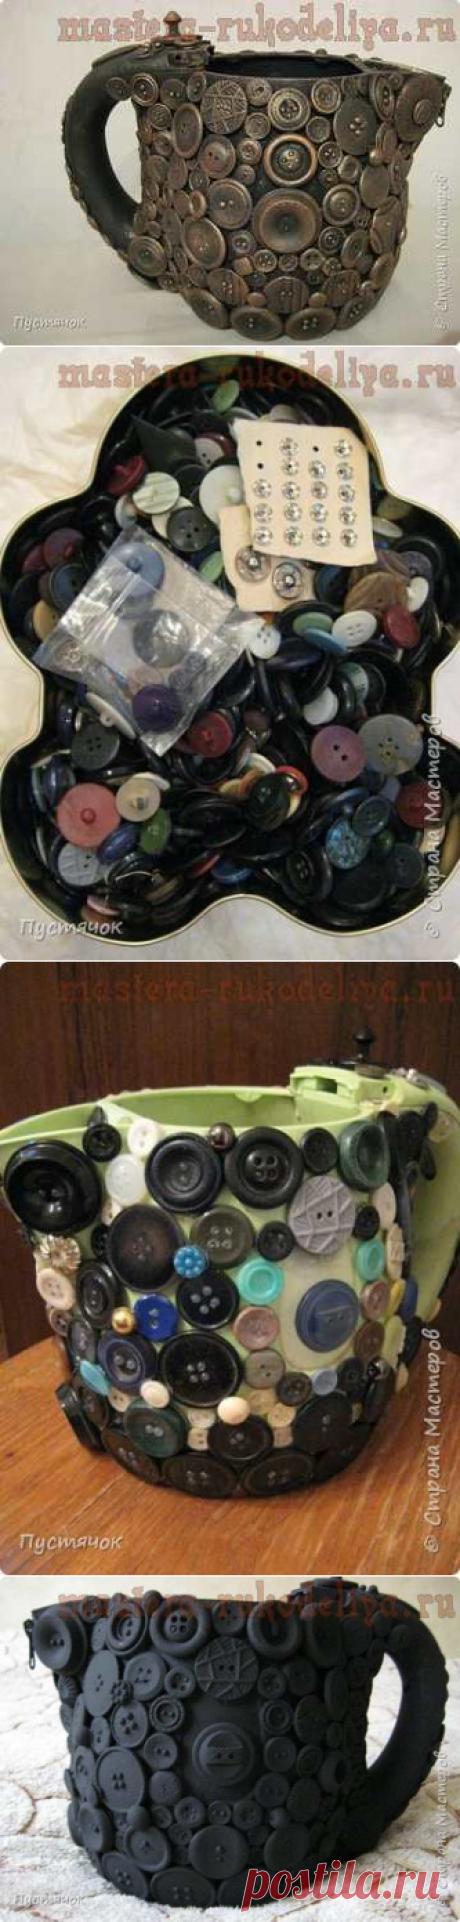 МК по декорированию: Пуговичное настроение. Автор: Елена Жураковская